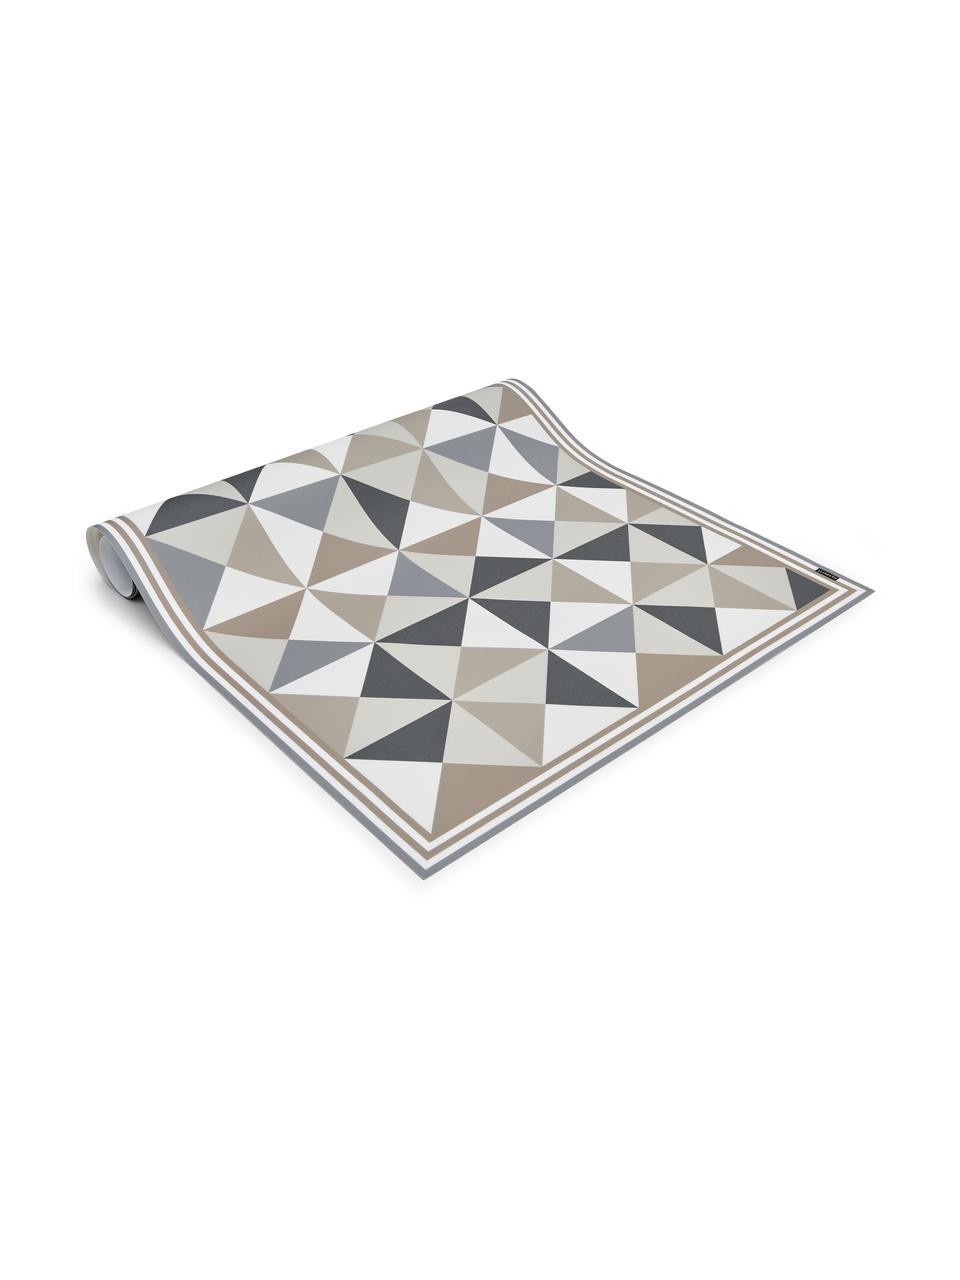 Vlakke vinyl vloermat Haakon in grijs / beige, antislip, Recyclebaar vinyl, Grijstinten, beigetinten, wit, 65 x 255 cm